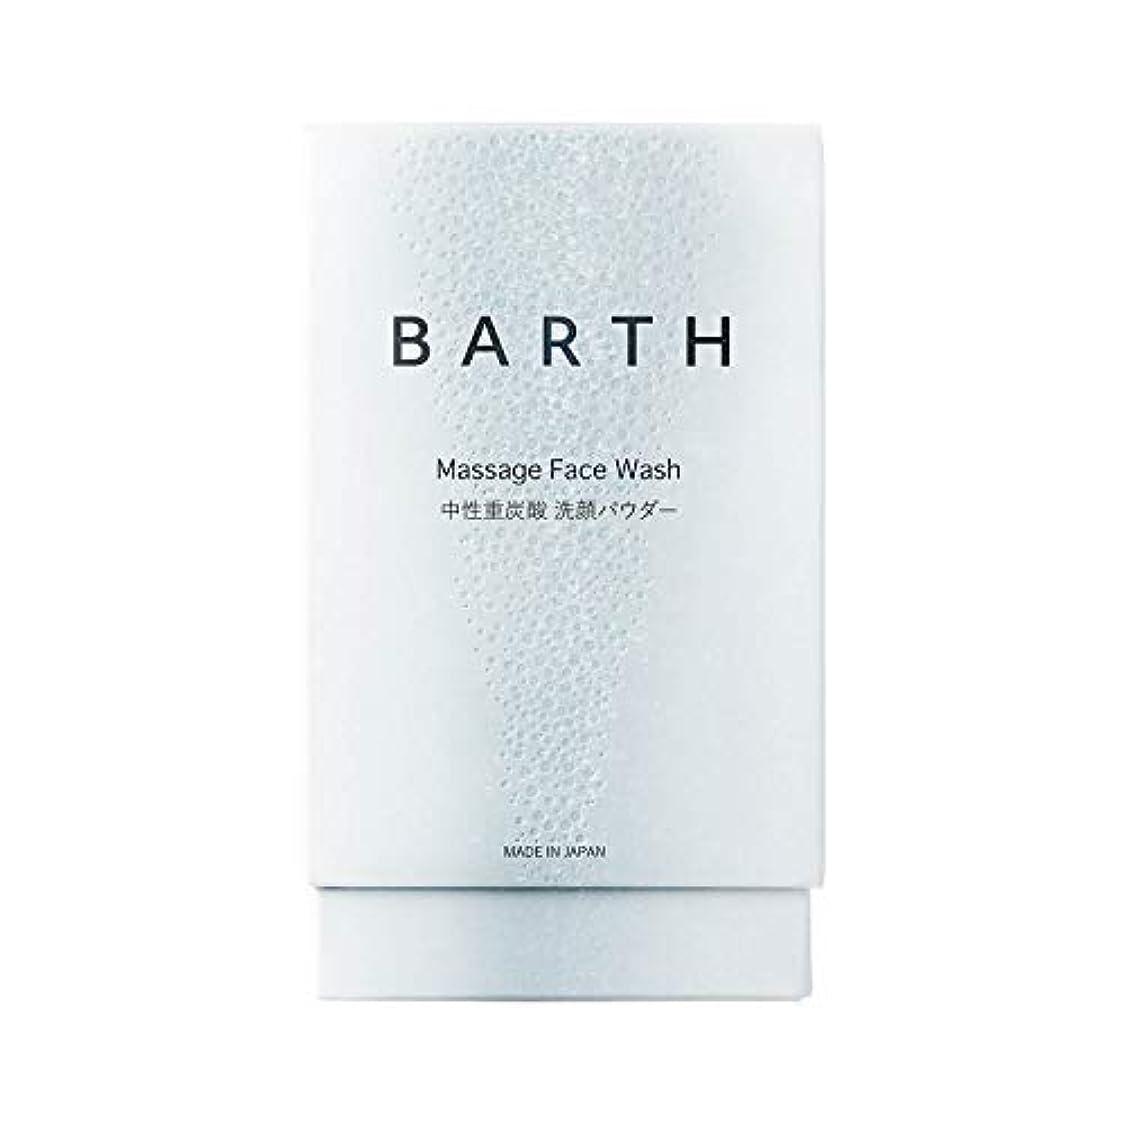 最も早い思いやりのある大きいBARTH【バース】中性 重炭酸 洗顔パウダー 30包タイプ(無添加 炭酸パック 洗顔料 個包装タイプ)